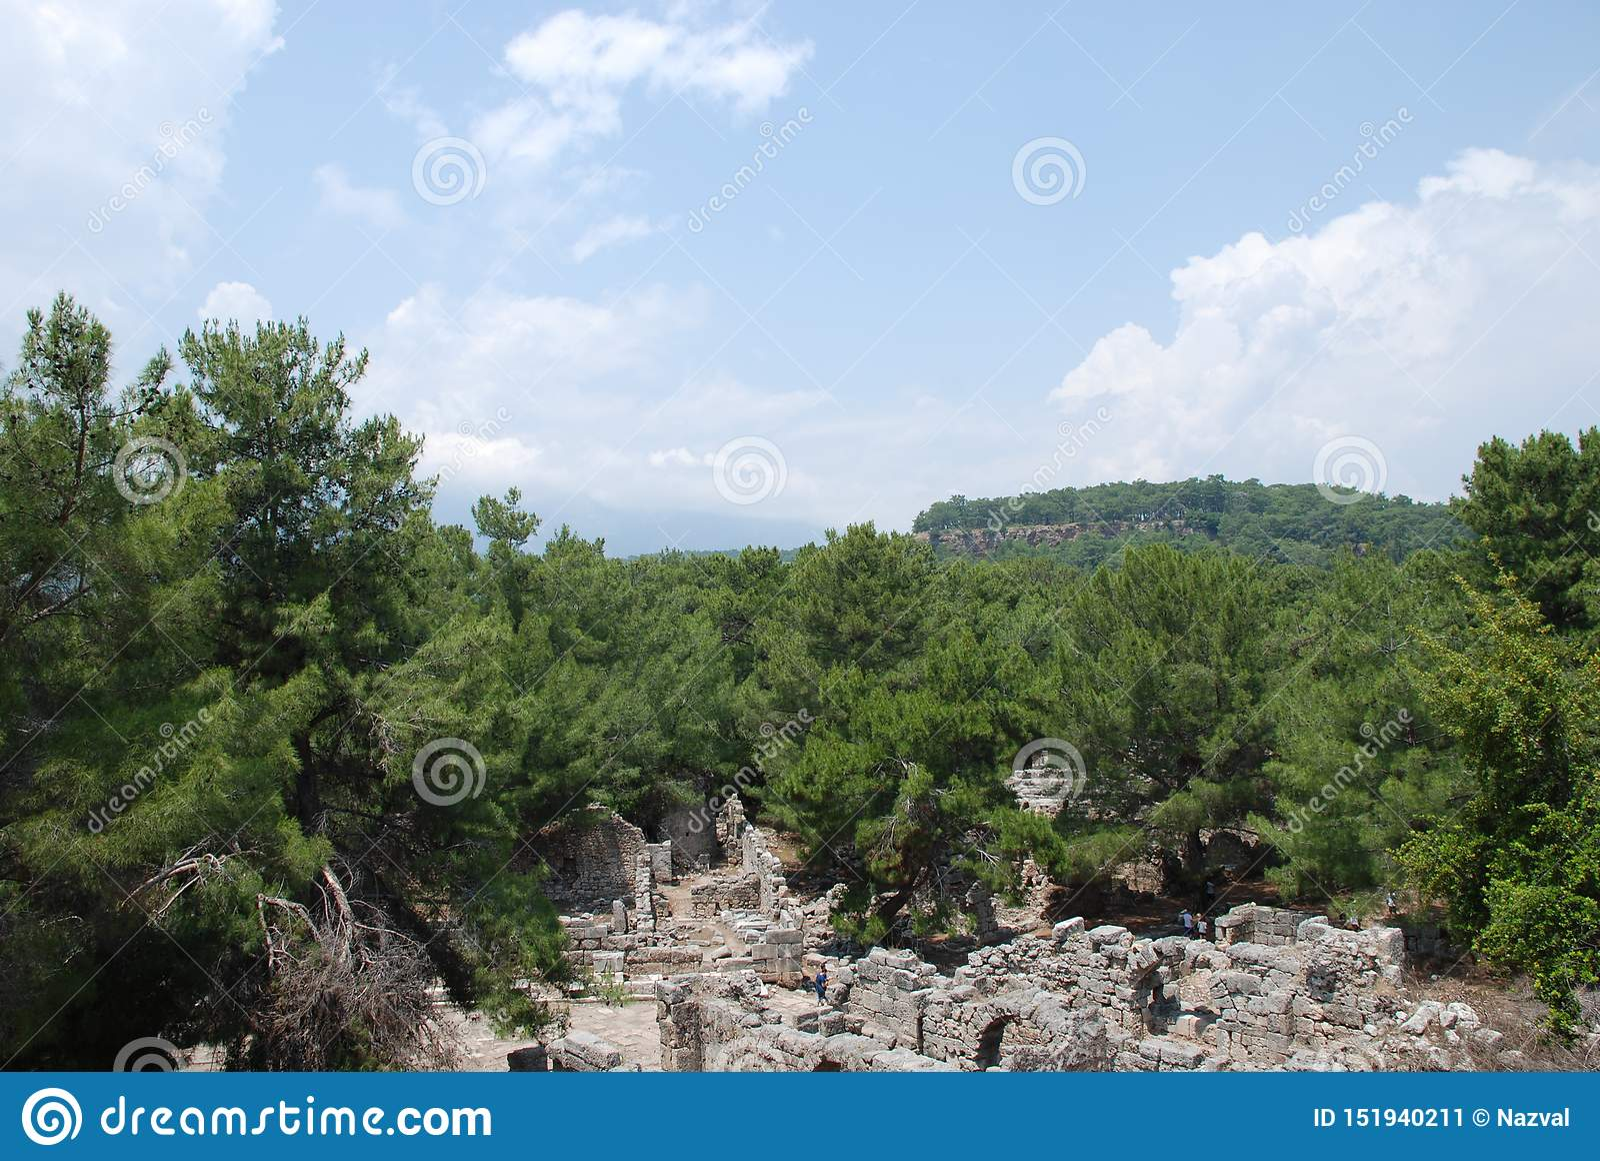 Ruiny i ruiny konserwują wśród zielonej roślinności lasy Turcja blisko Antalya